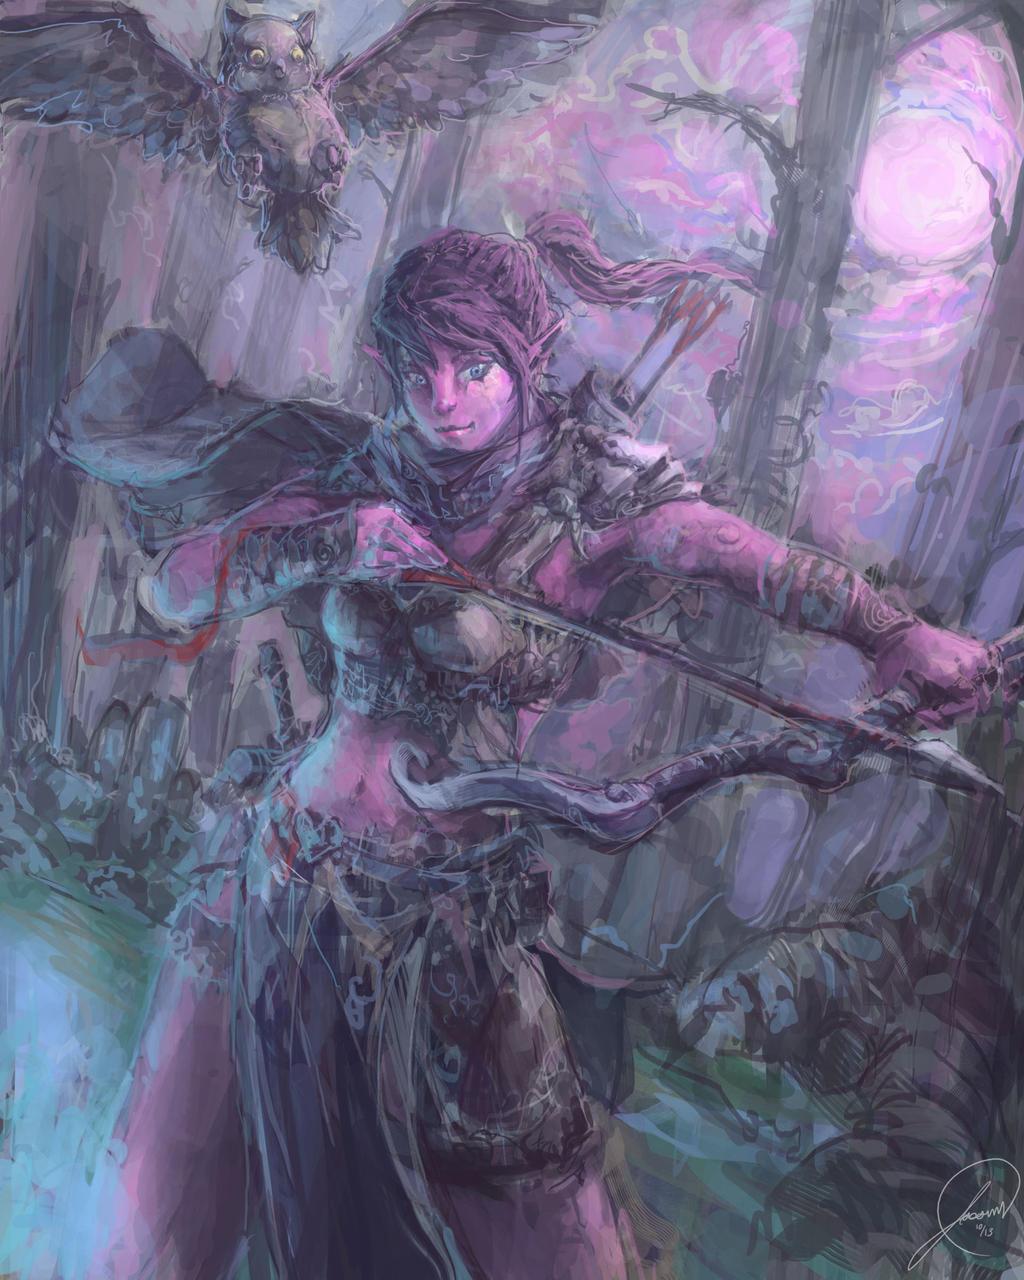 Galeria de Arte: Ficção & Fantasia 1 - Página 4 Night_elf_by_nosaj7541-d6pvznr